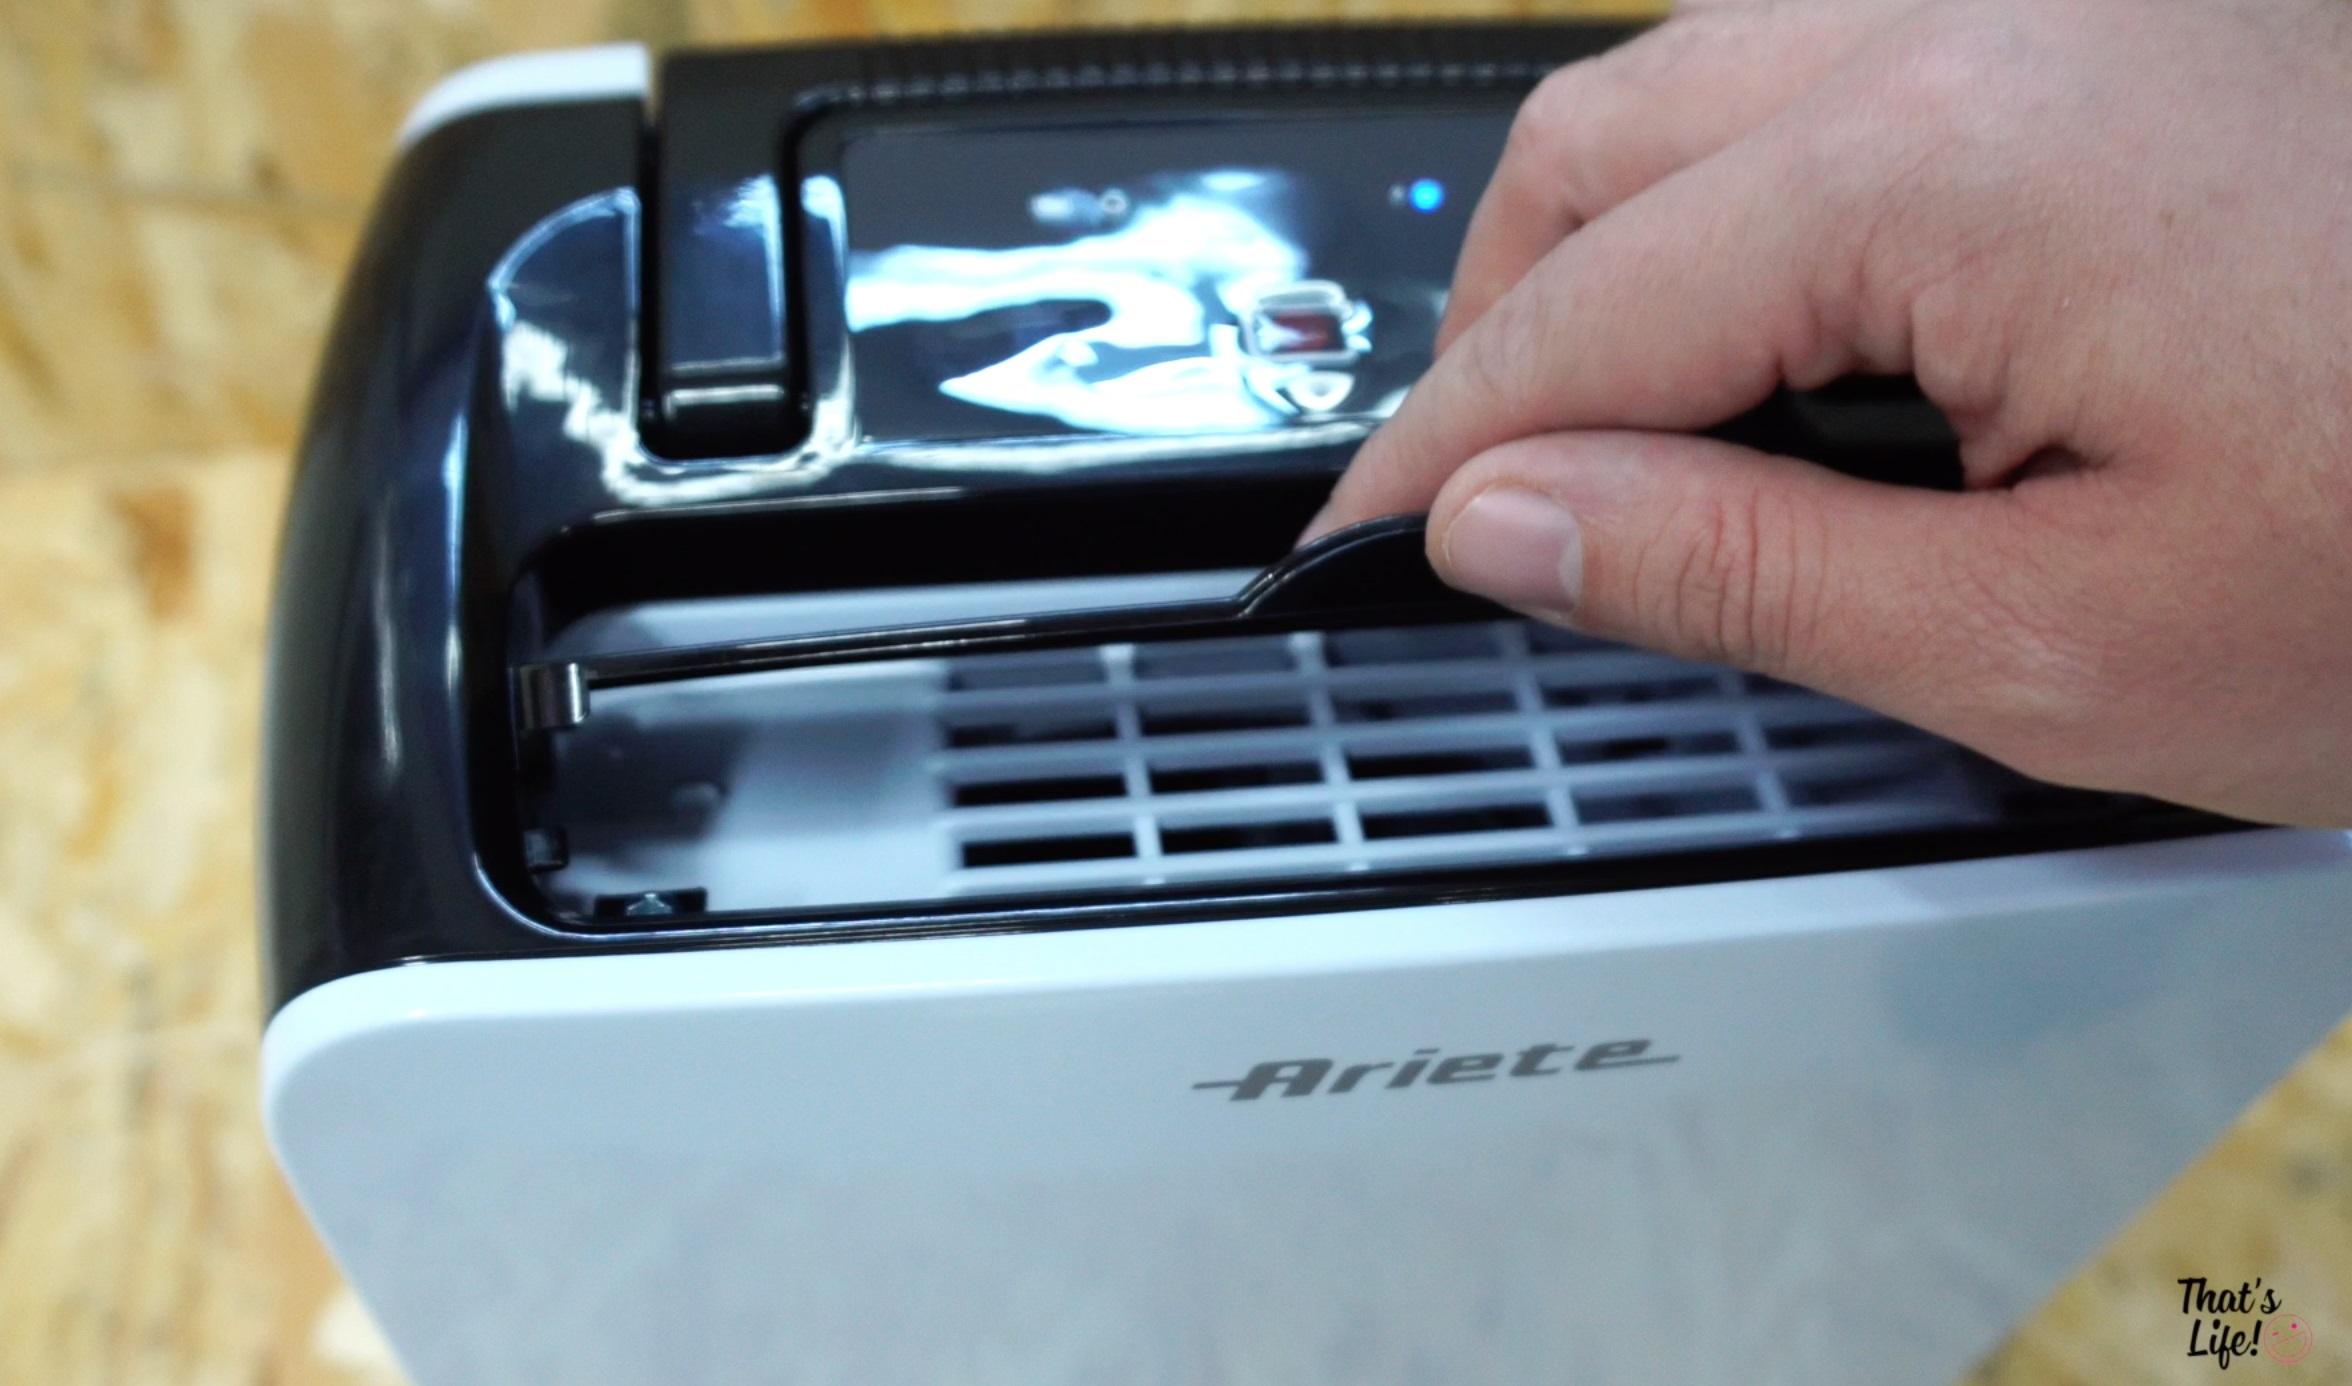 Ariete Dry Air Thats (1)